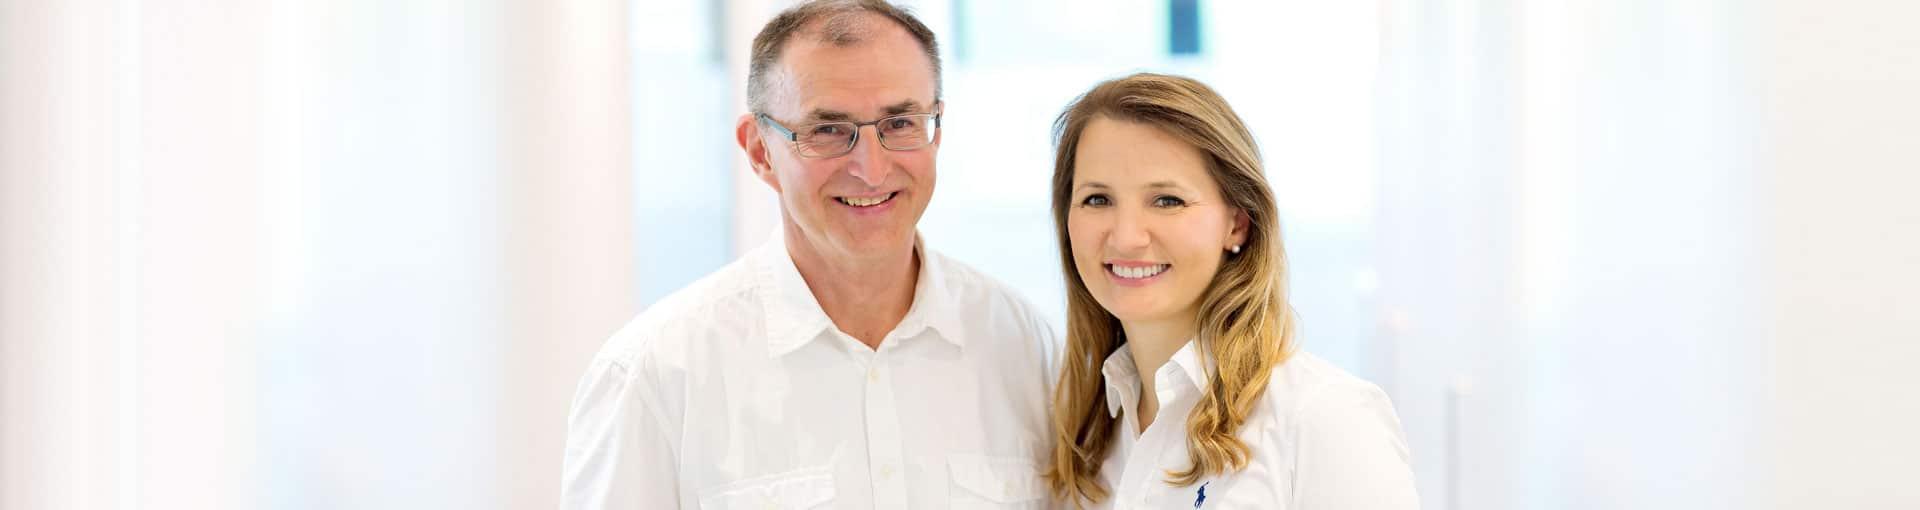 Zahnarzt Dr. Gerhard Fries und Zahnärztin Dr. Martha Hoh